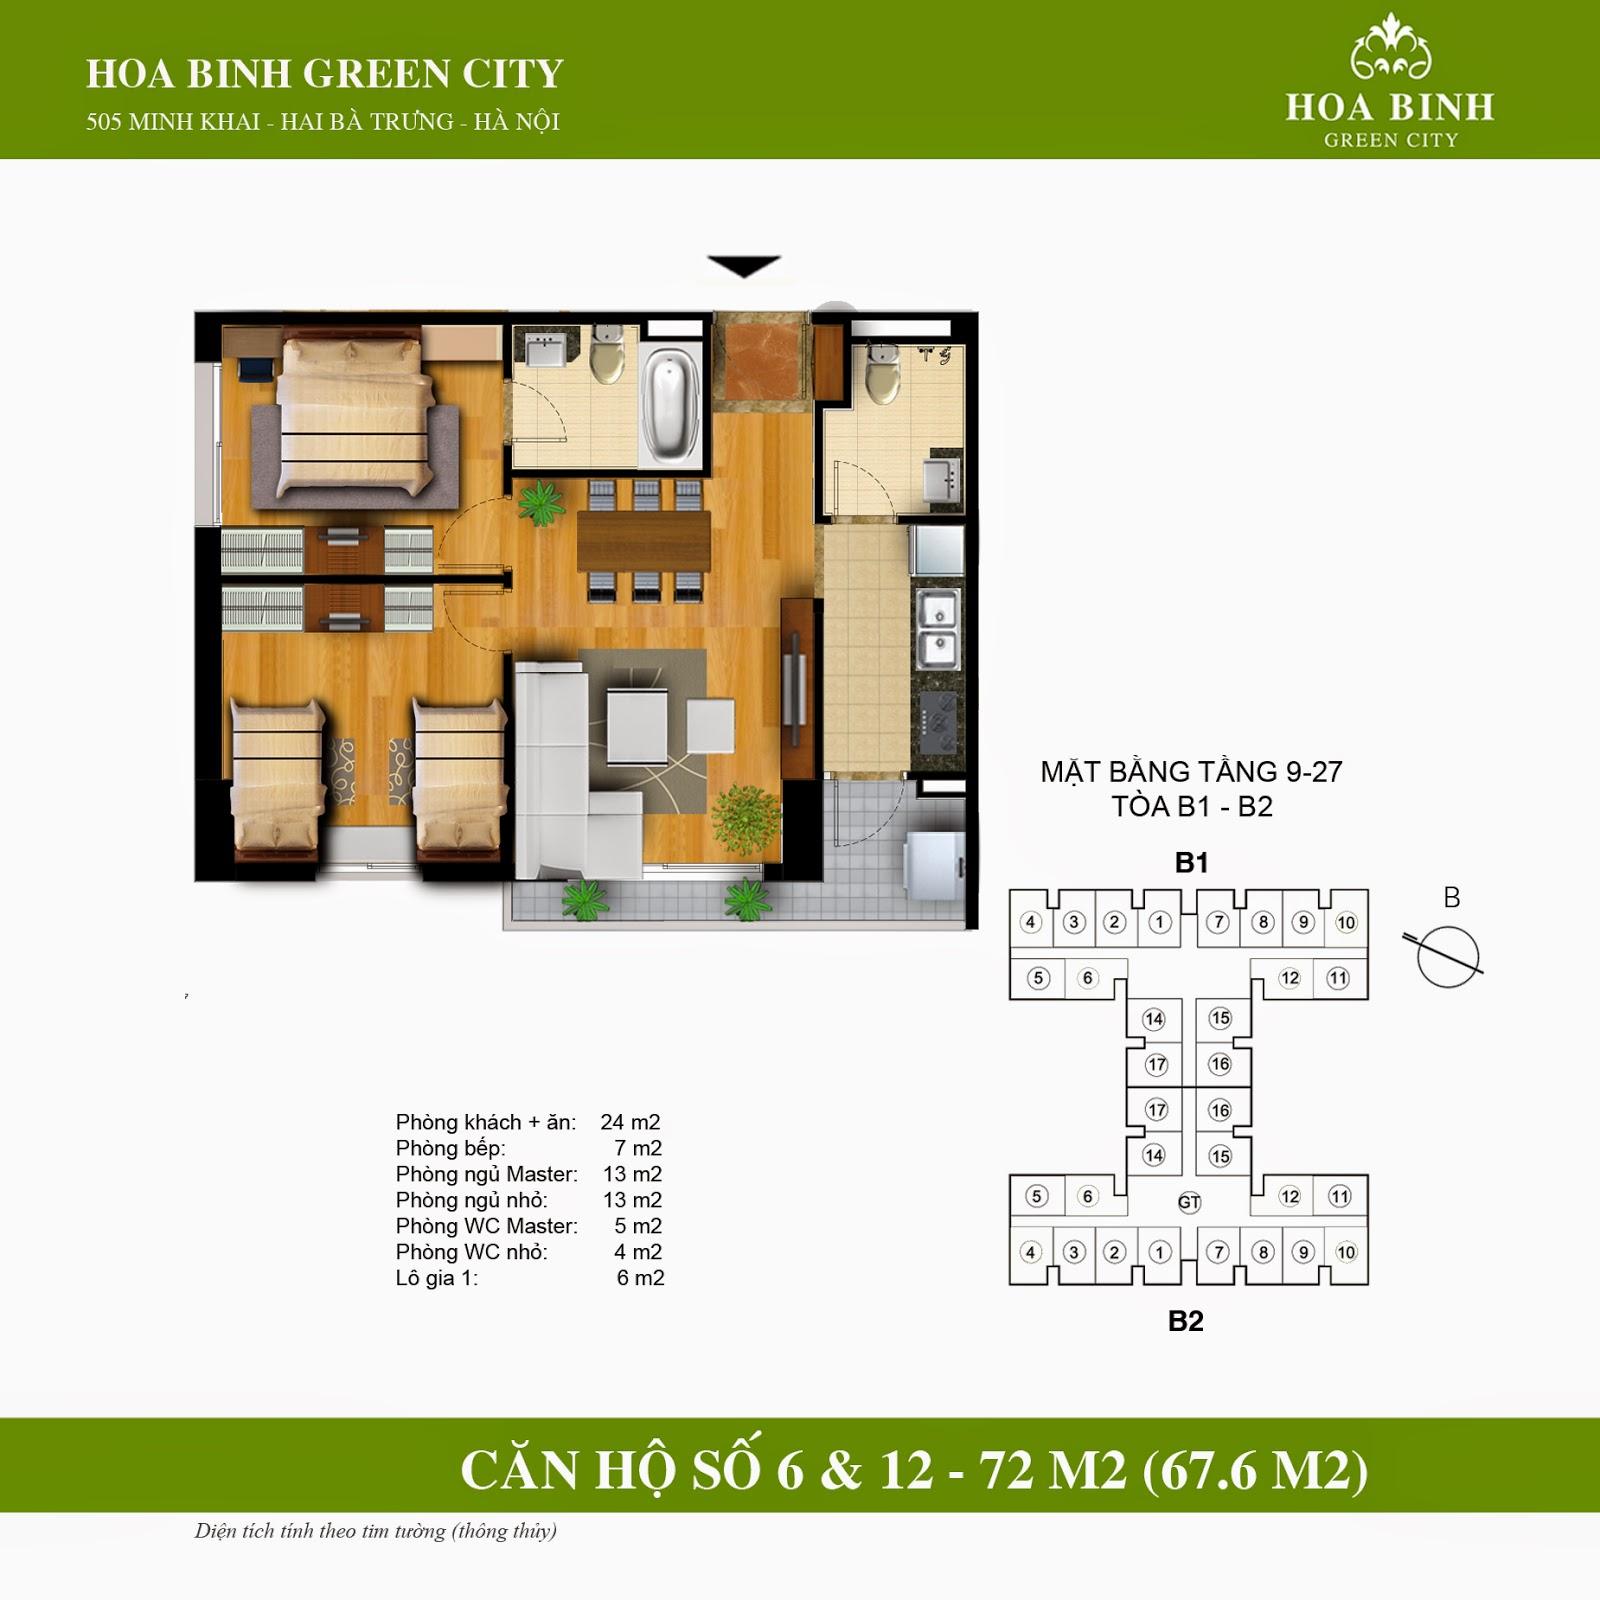 Hòa Bình Green City B 72m2